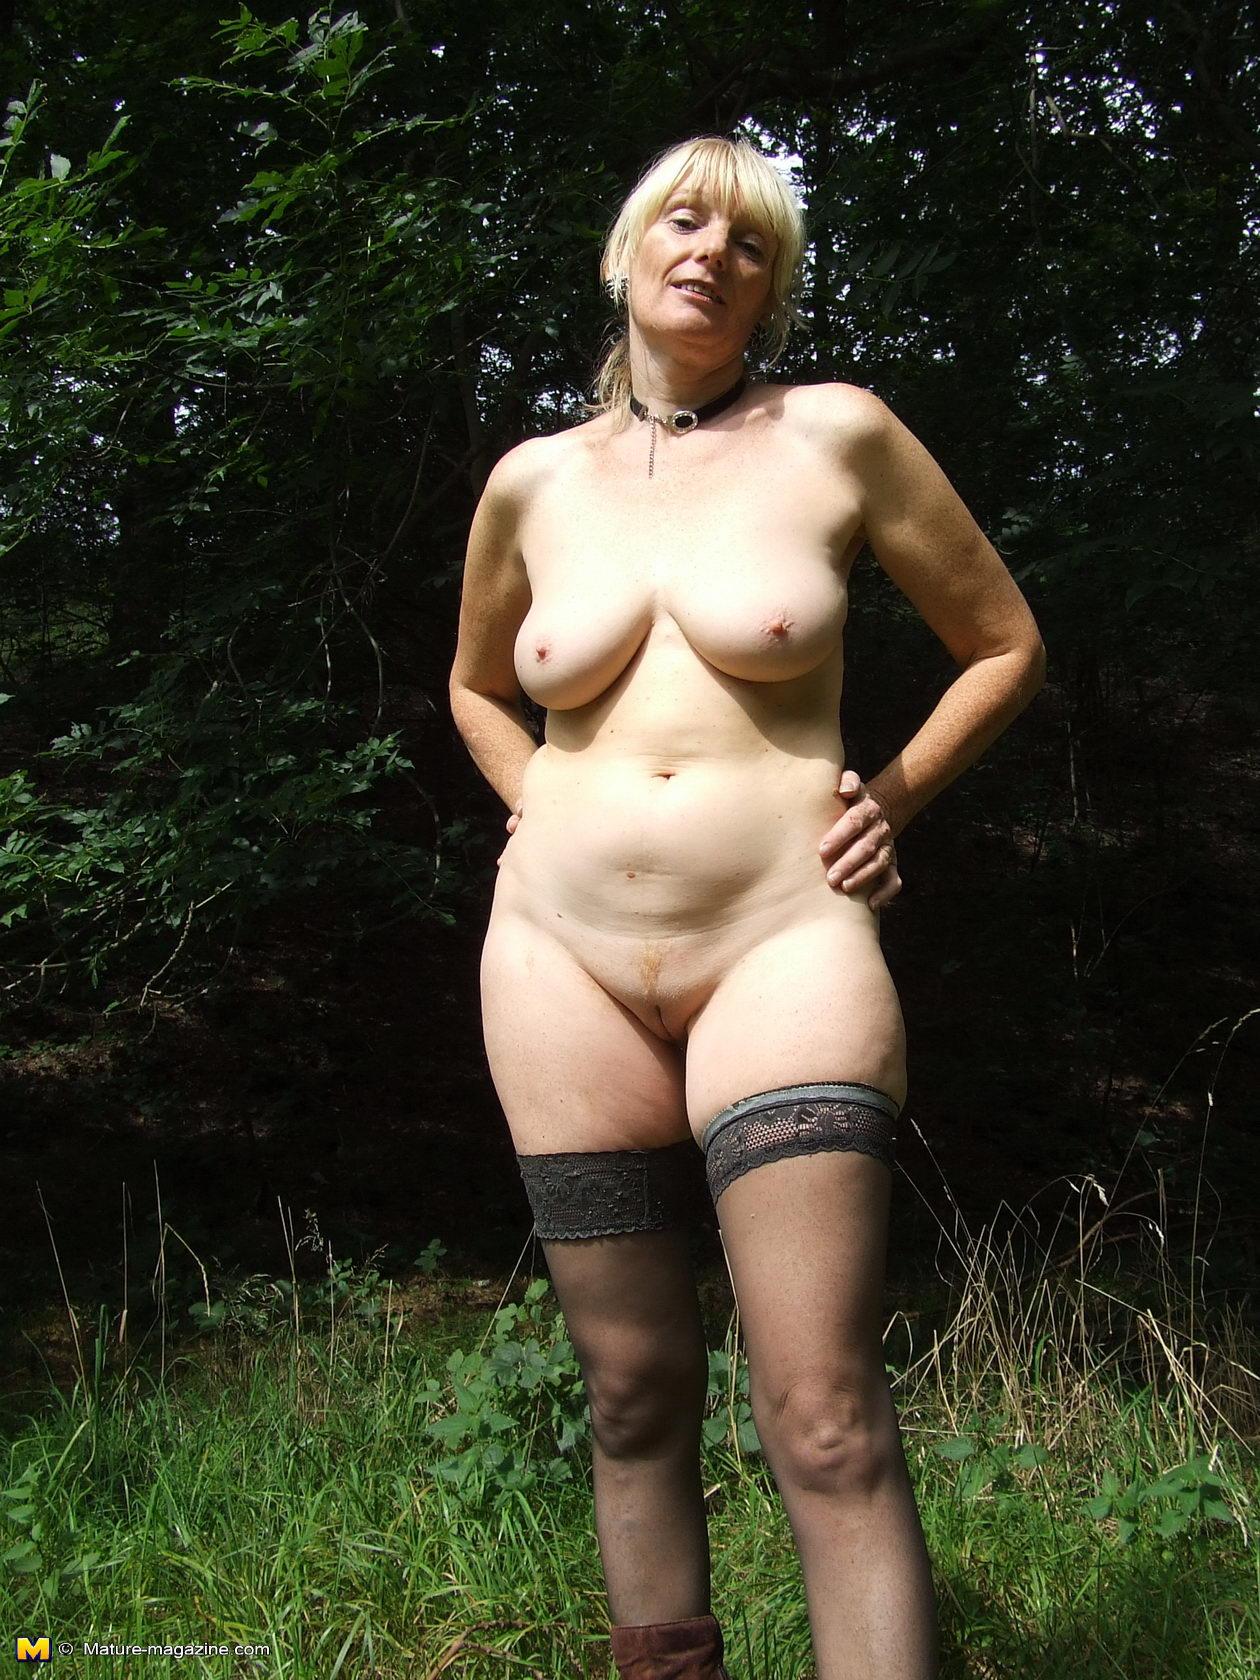 Зрелые женщины голые на природе фото